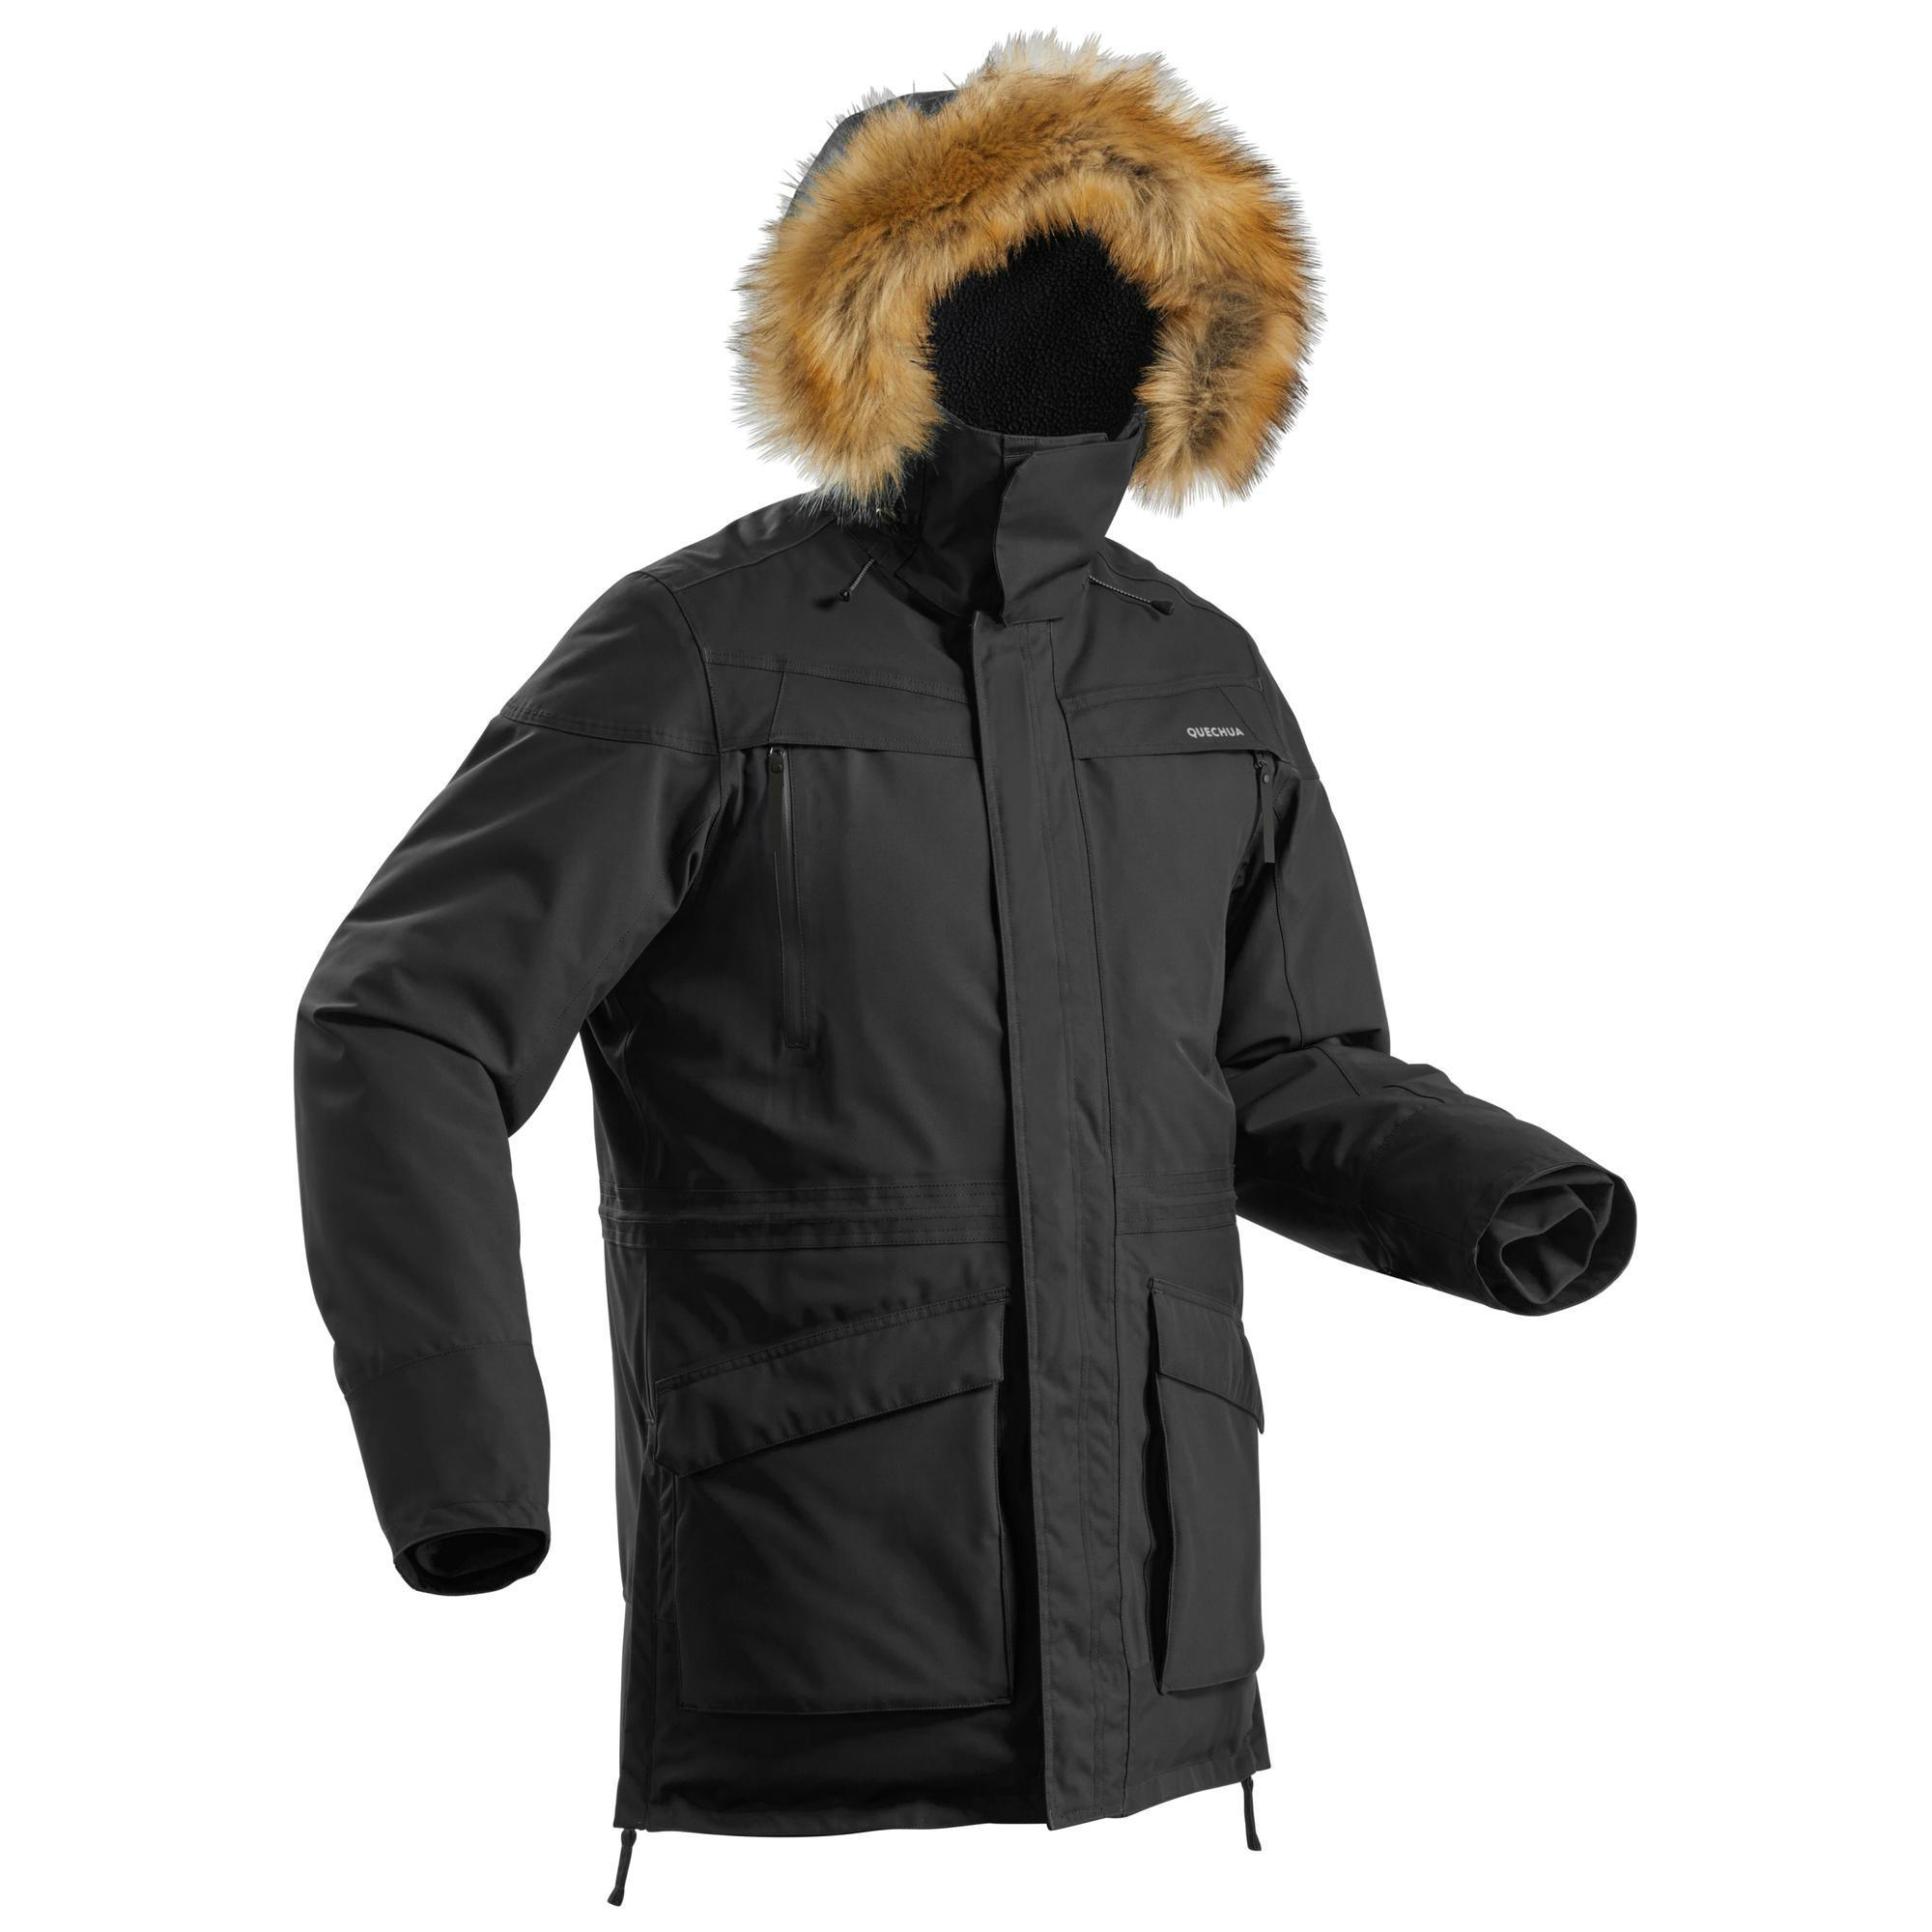 Hommes Hiver Chaud Duck Down Jacket Veste de ski neige épaisse à Capuche Gilet Manteau Parka